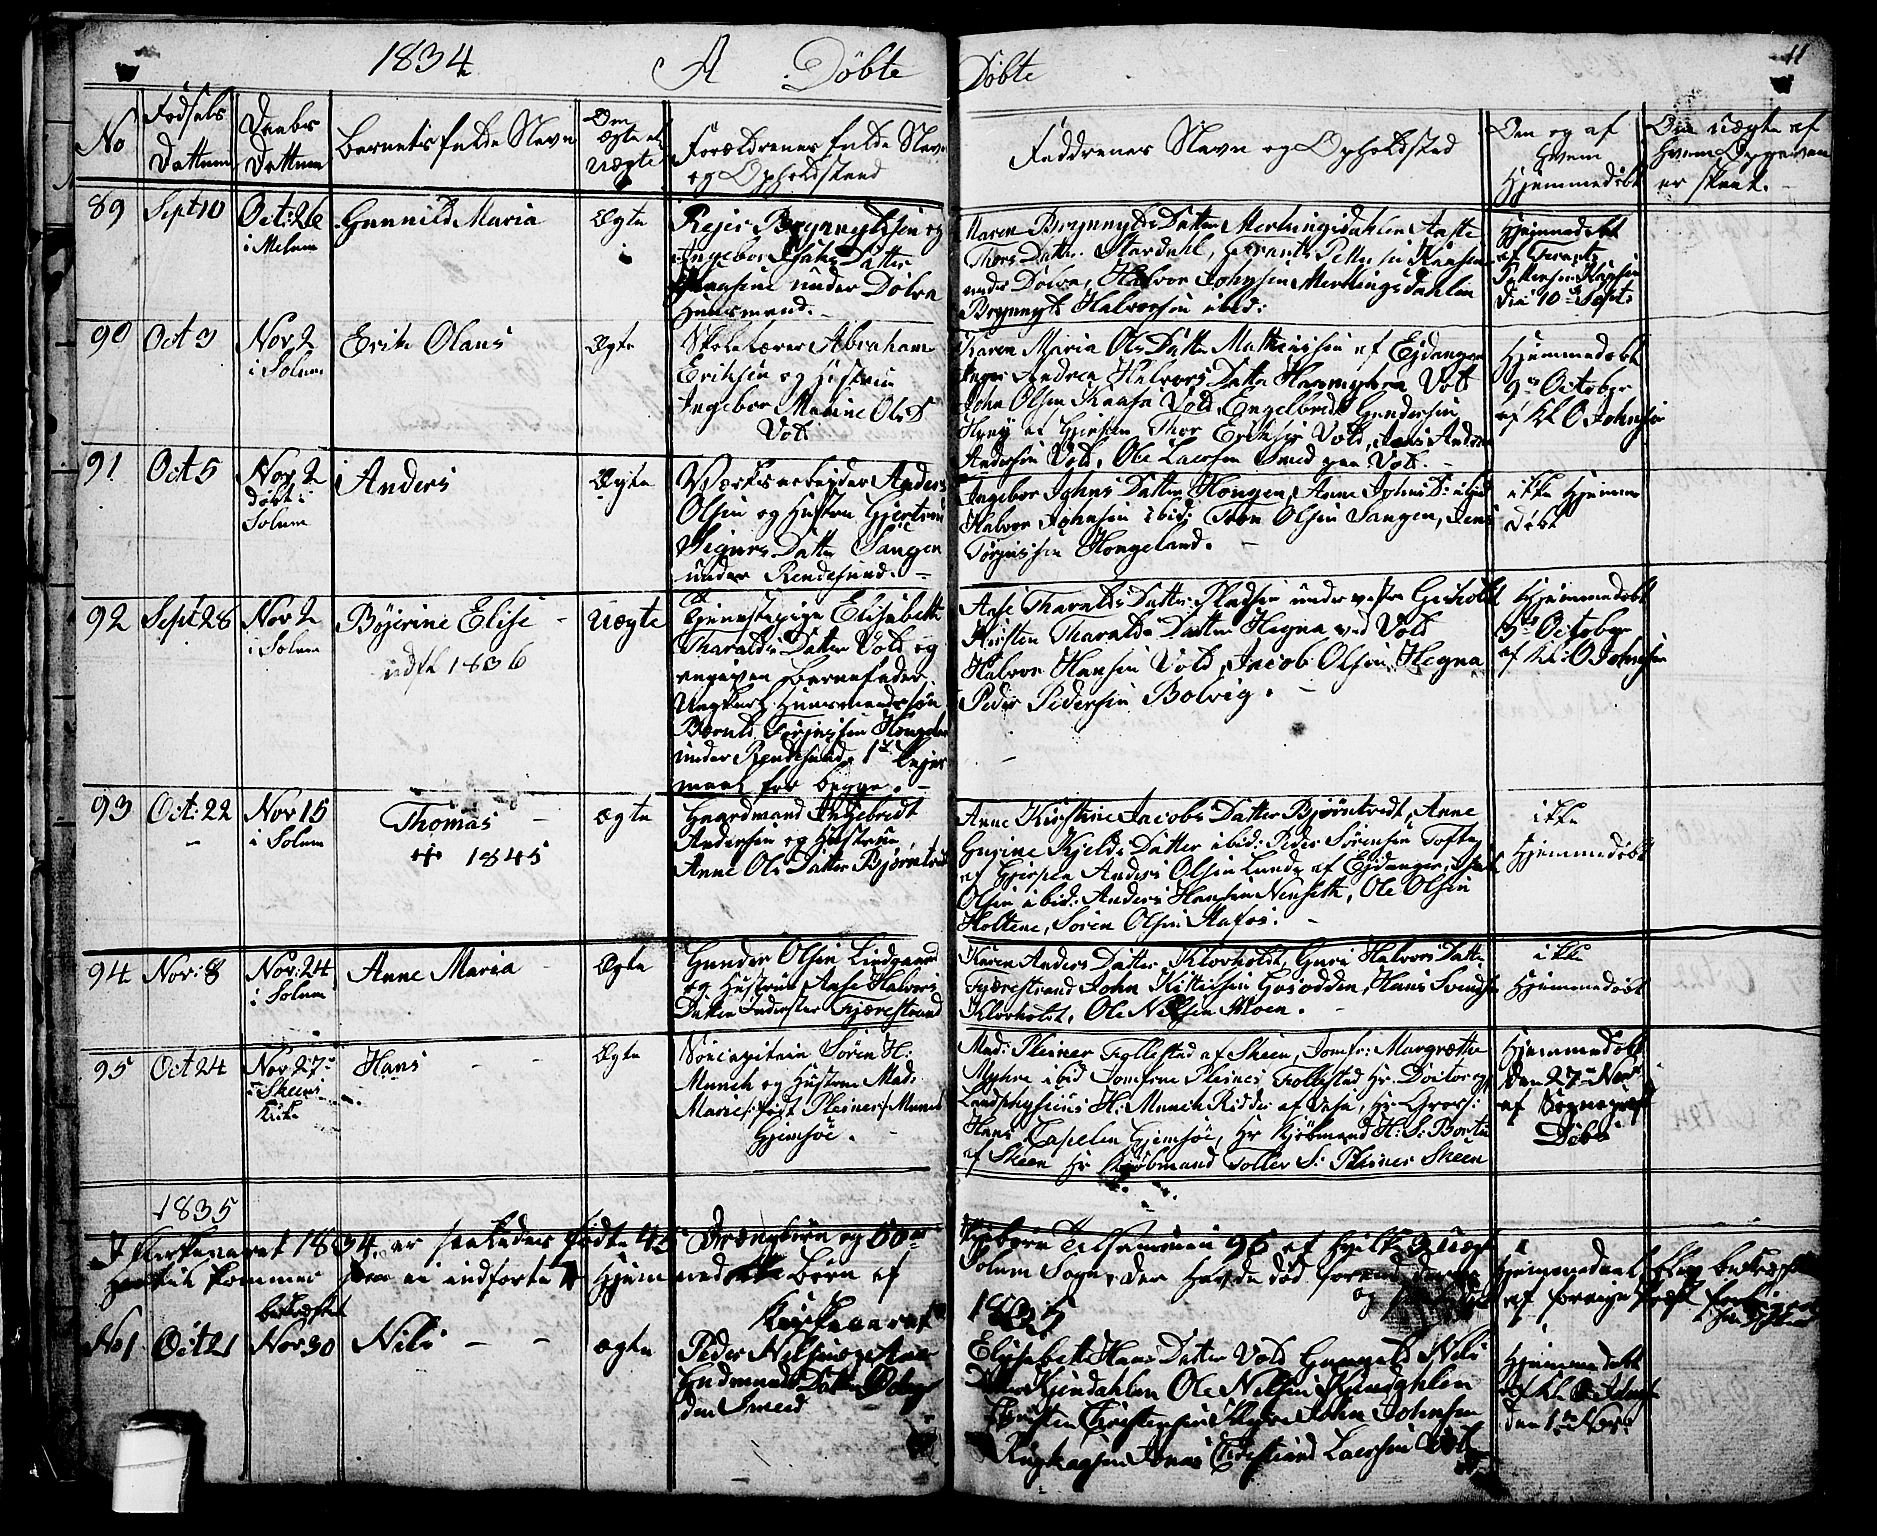 SAKO, Solum kirkebøker, G/Ga/L0002: Klokkerbok nr. I 2, 1834-1848, s. 11